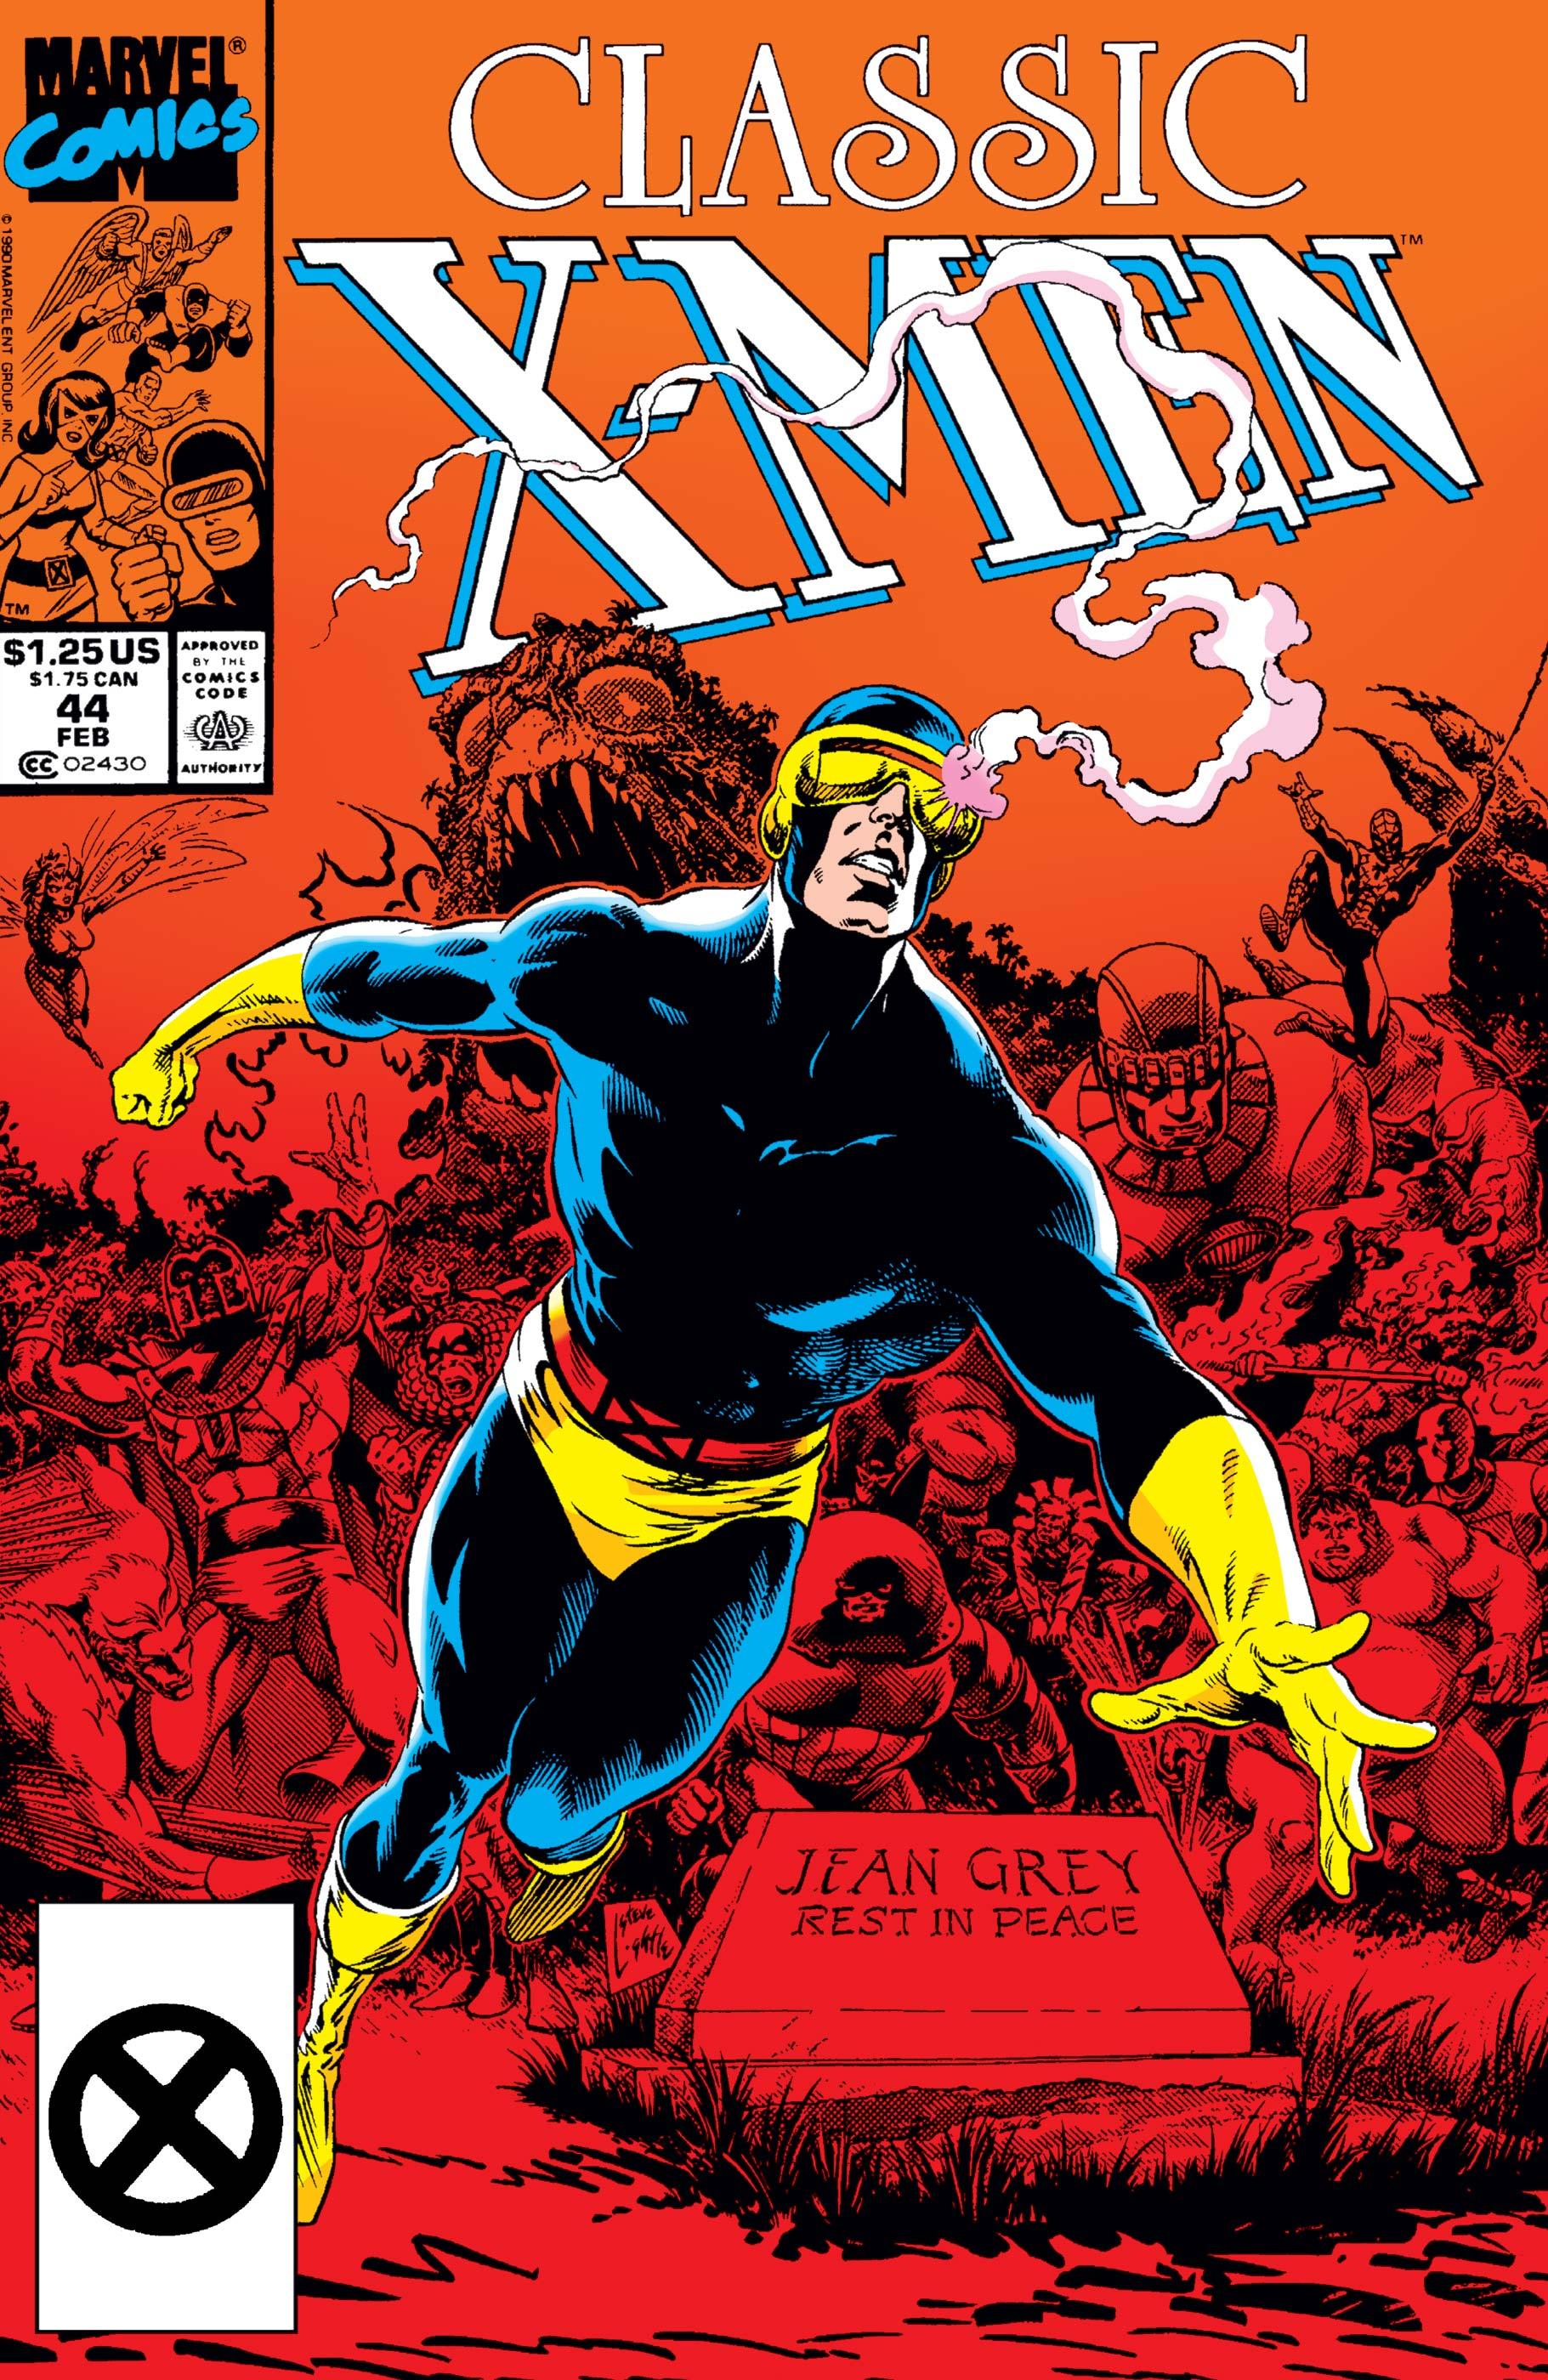 Classic X-Men (1986) #44